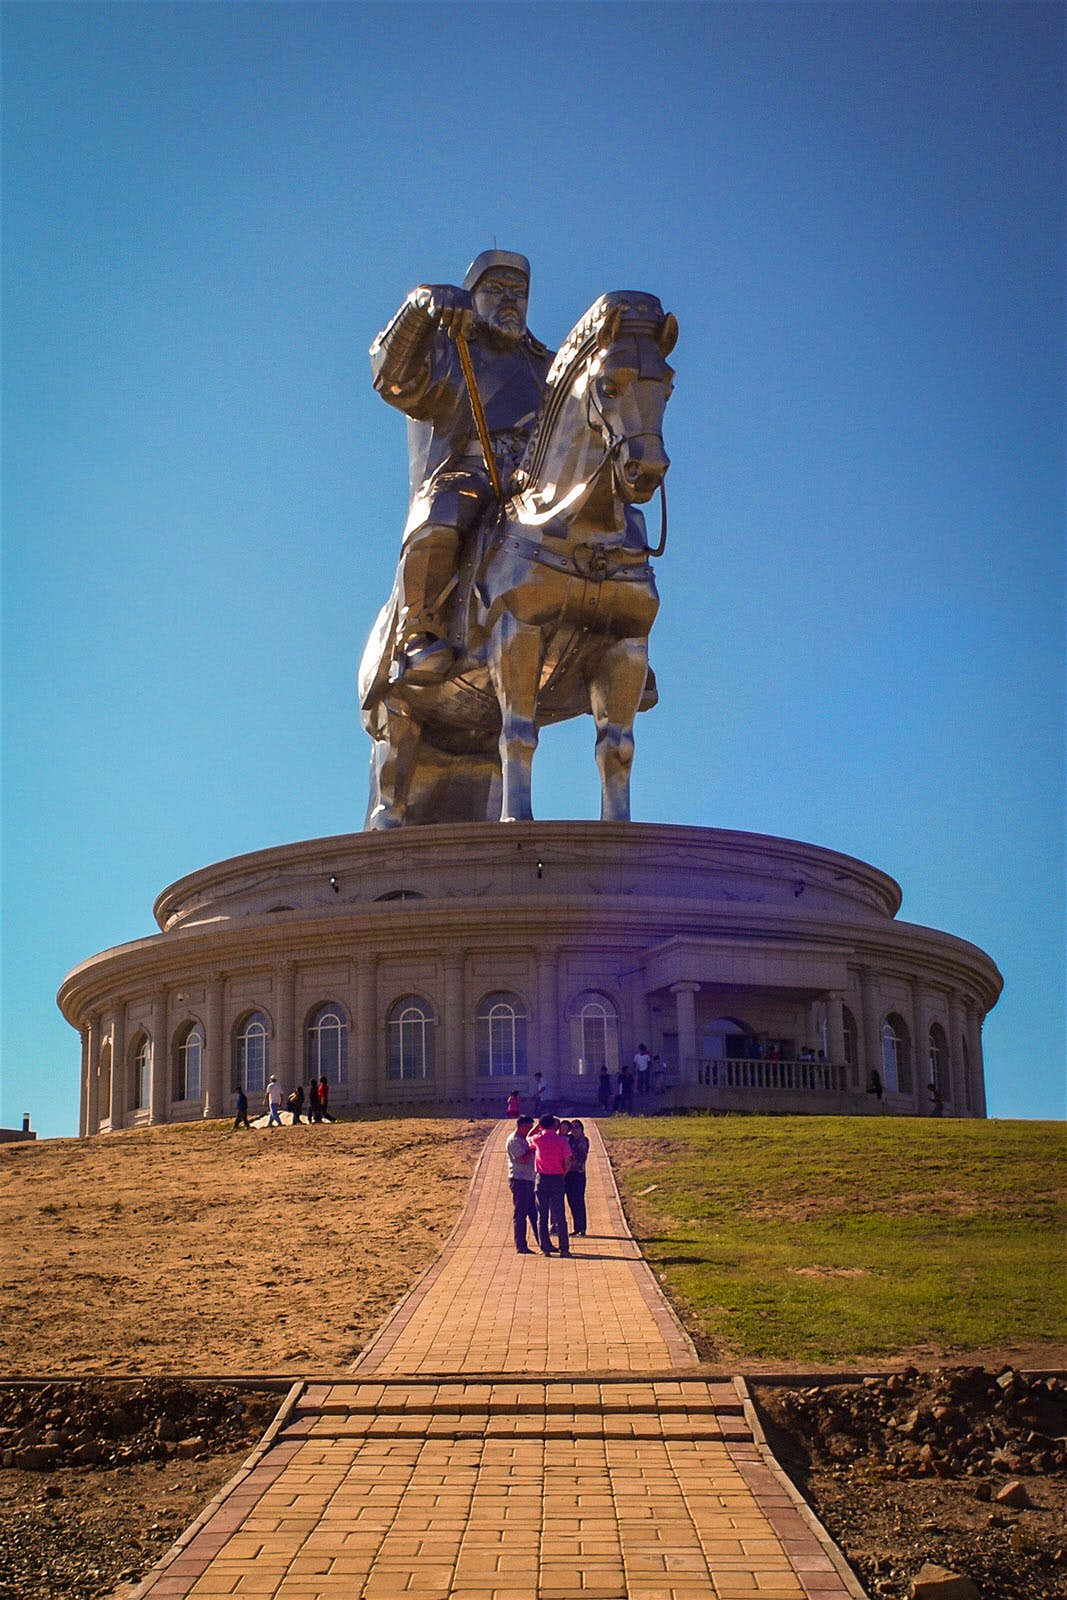 Mông Cổ: Vùng đất của những chuyến đi để đời! - hình ảnh 2